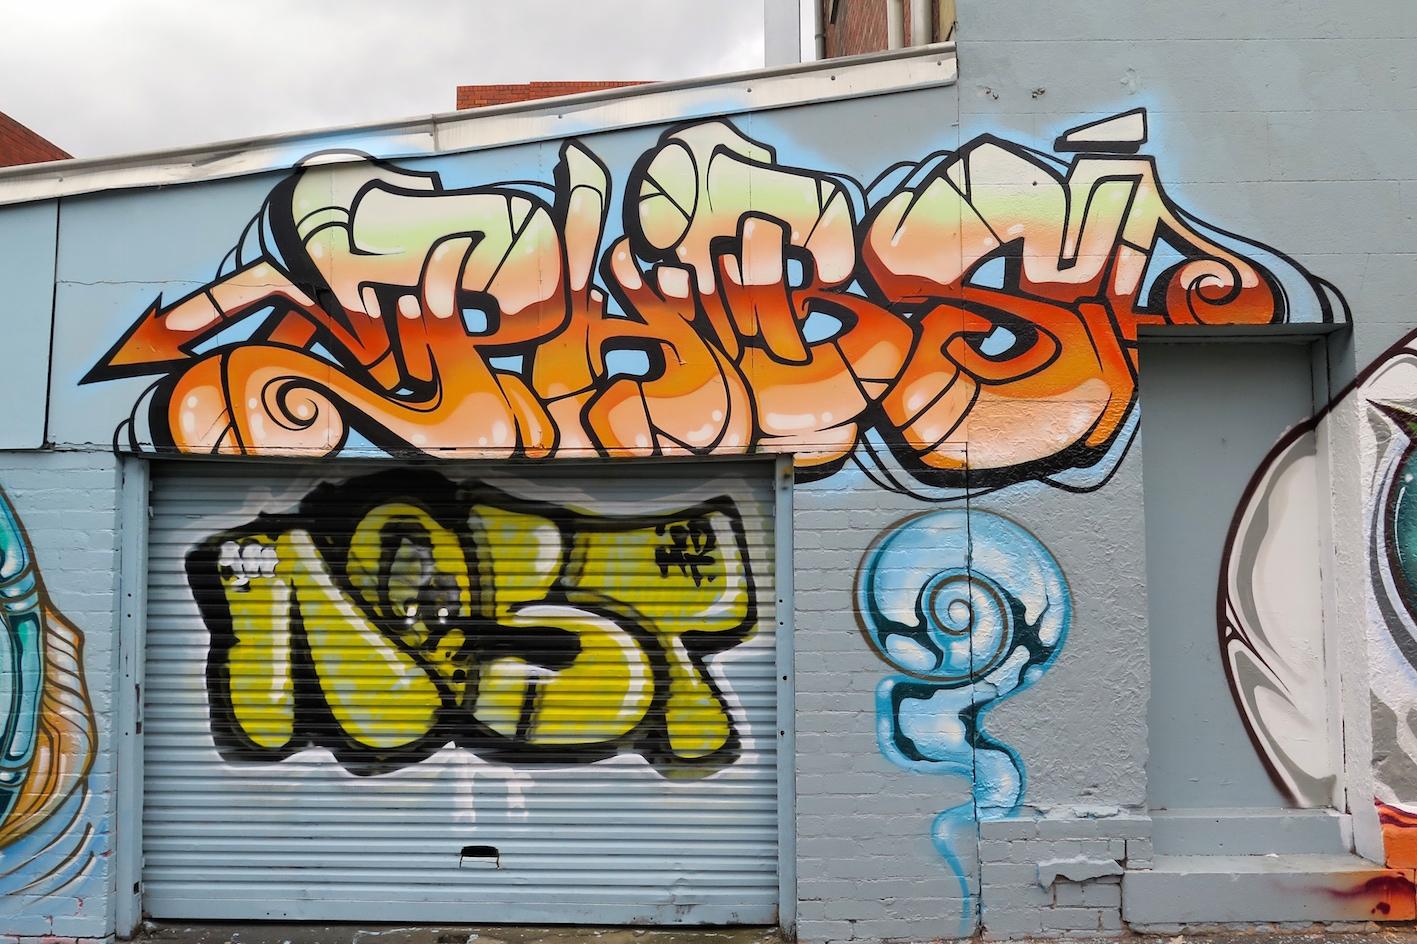 deansunshine_landofsunshine_melbourne_streetart_graffiti_phibs back in Melb 3